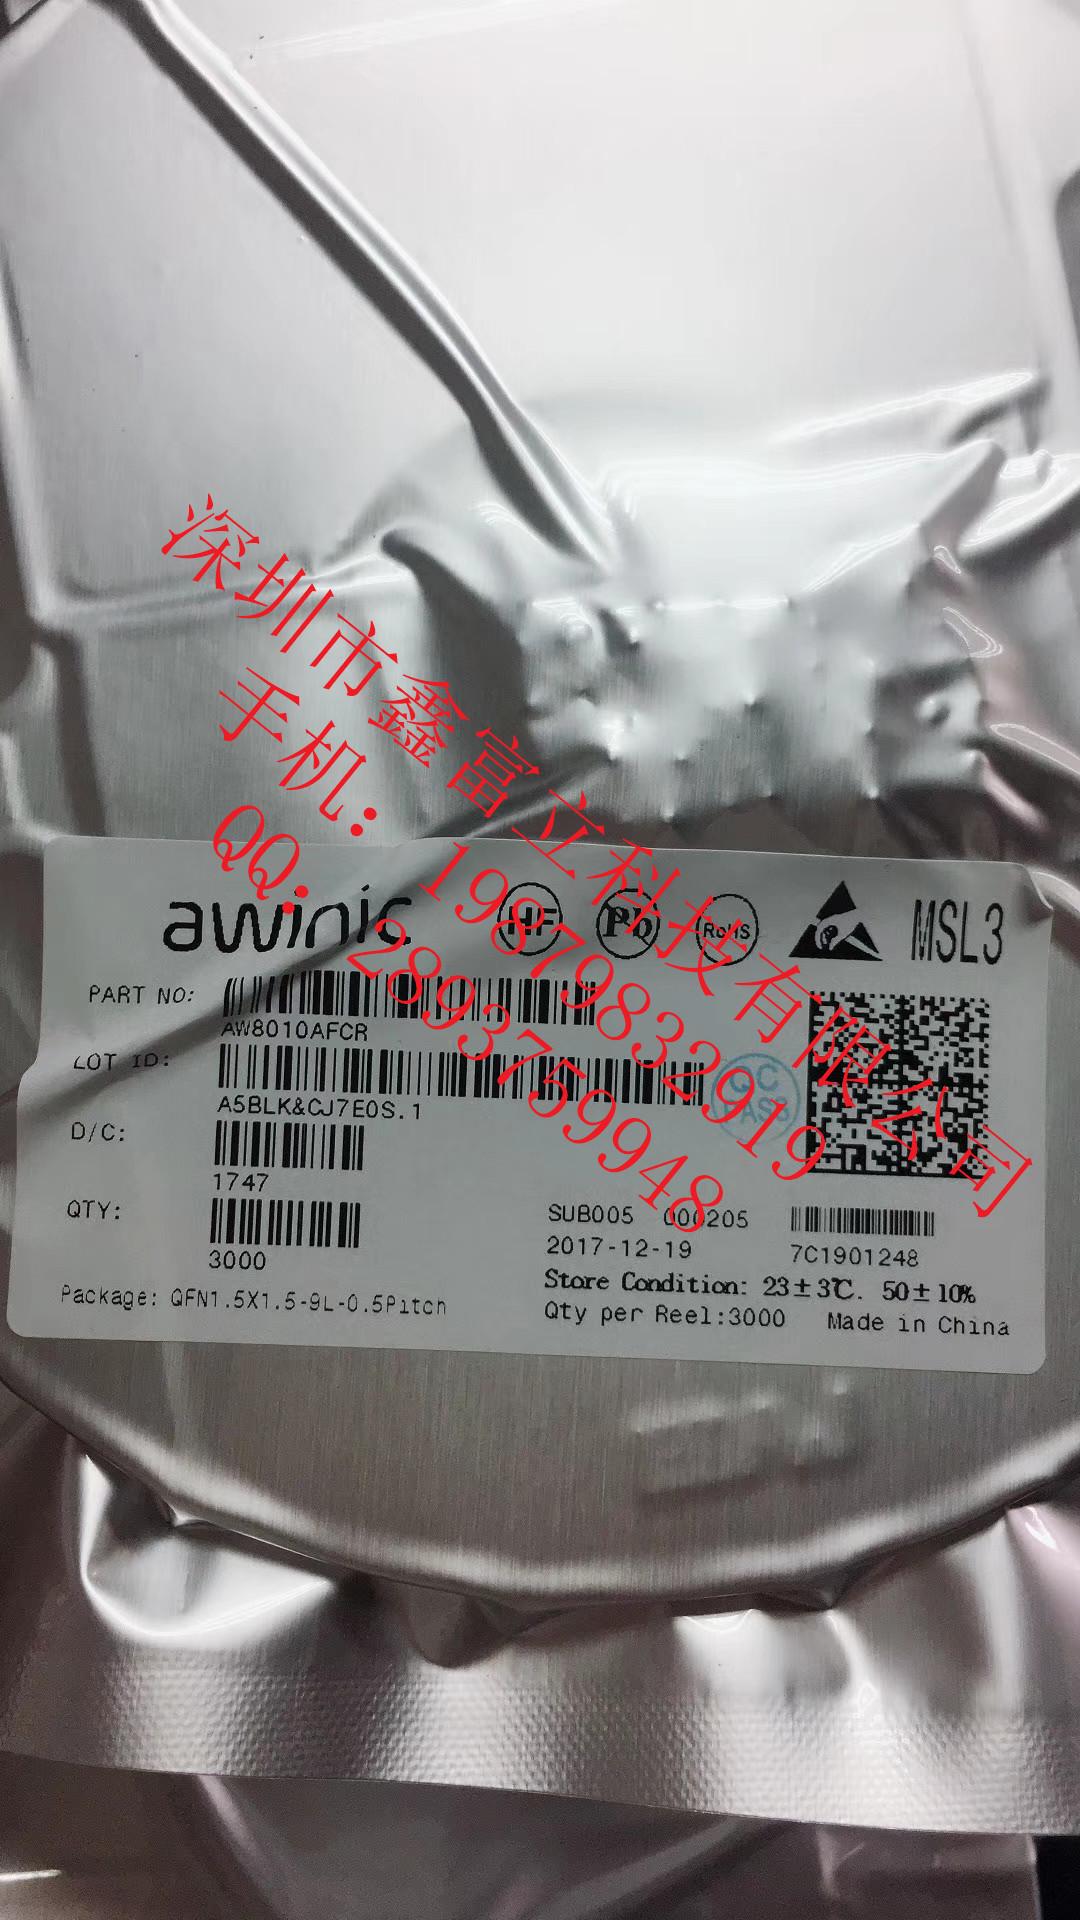 AW8010AFCR